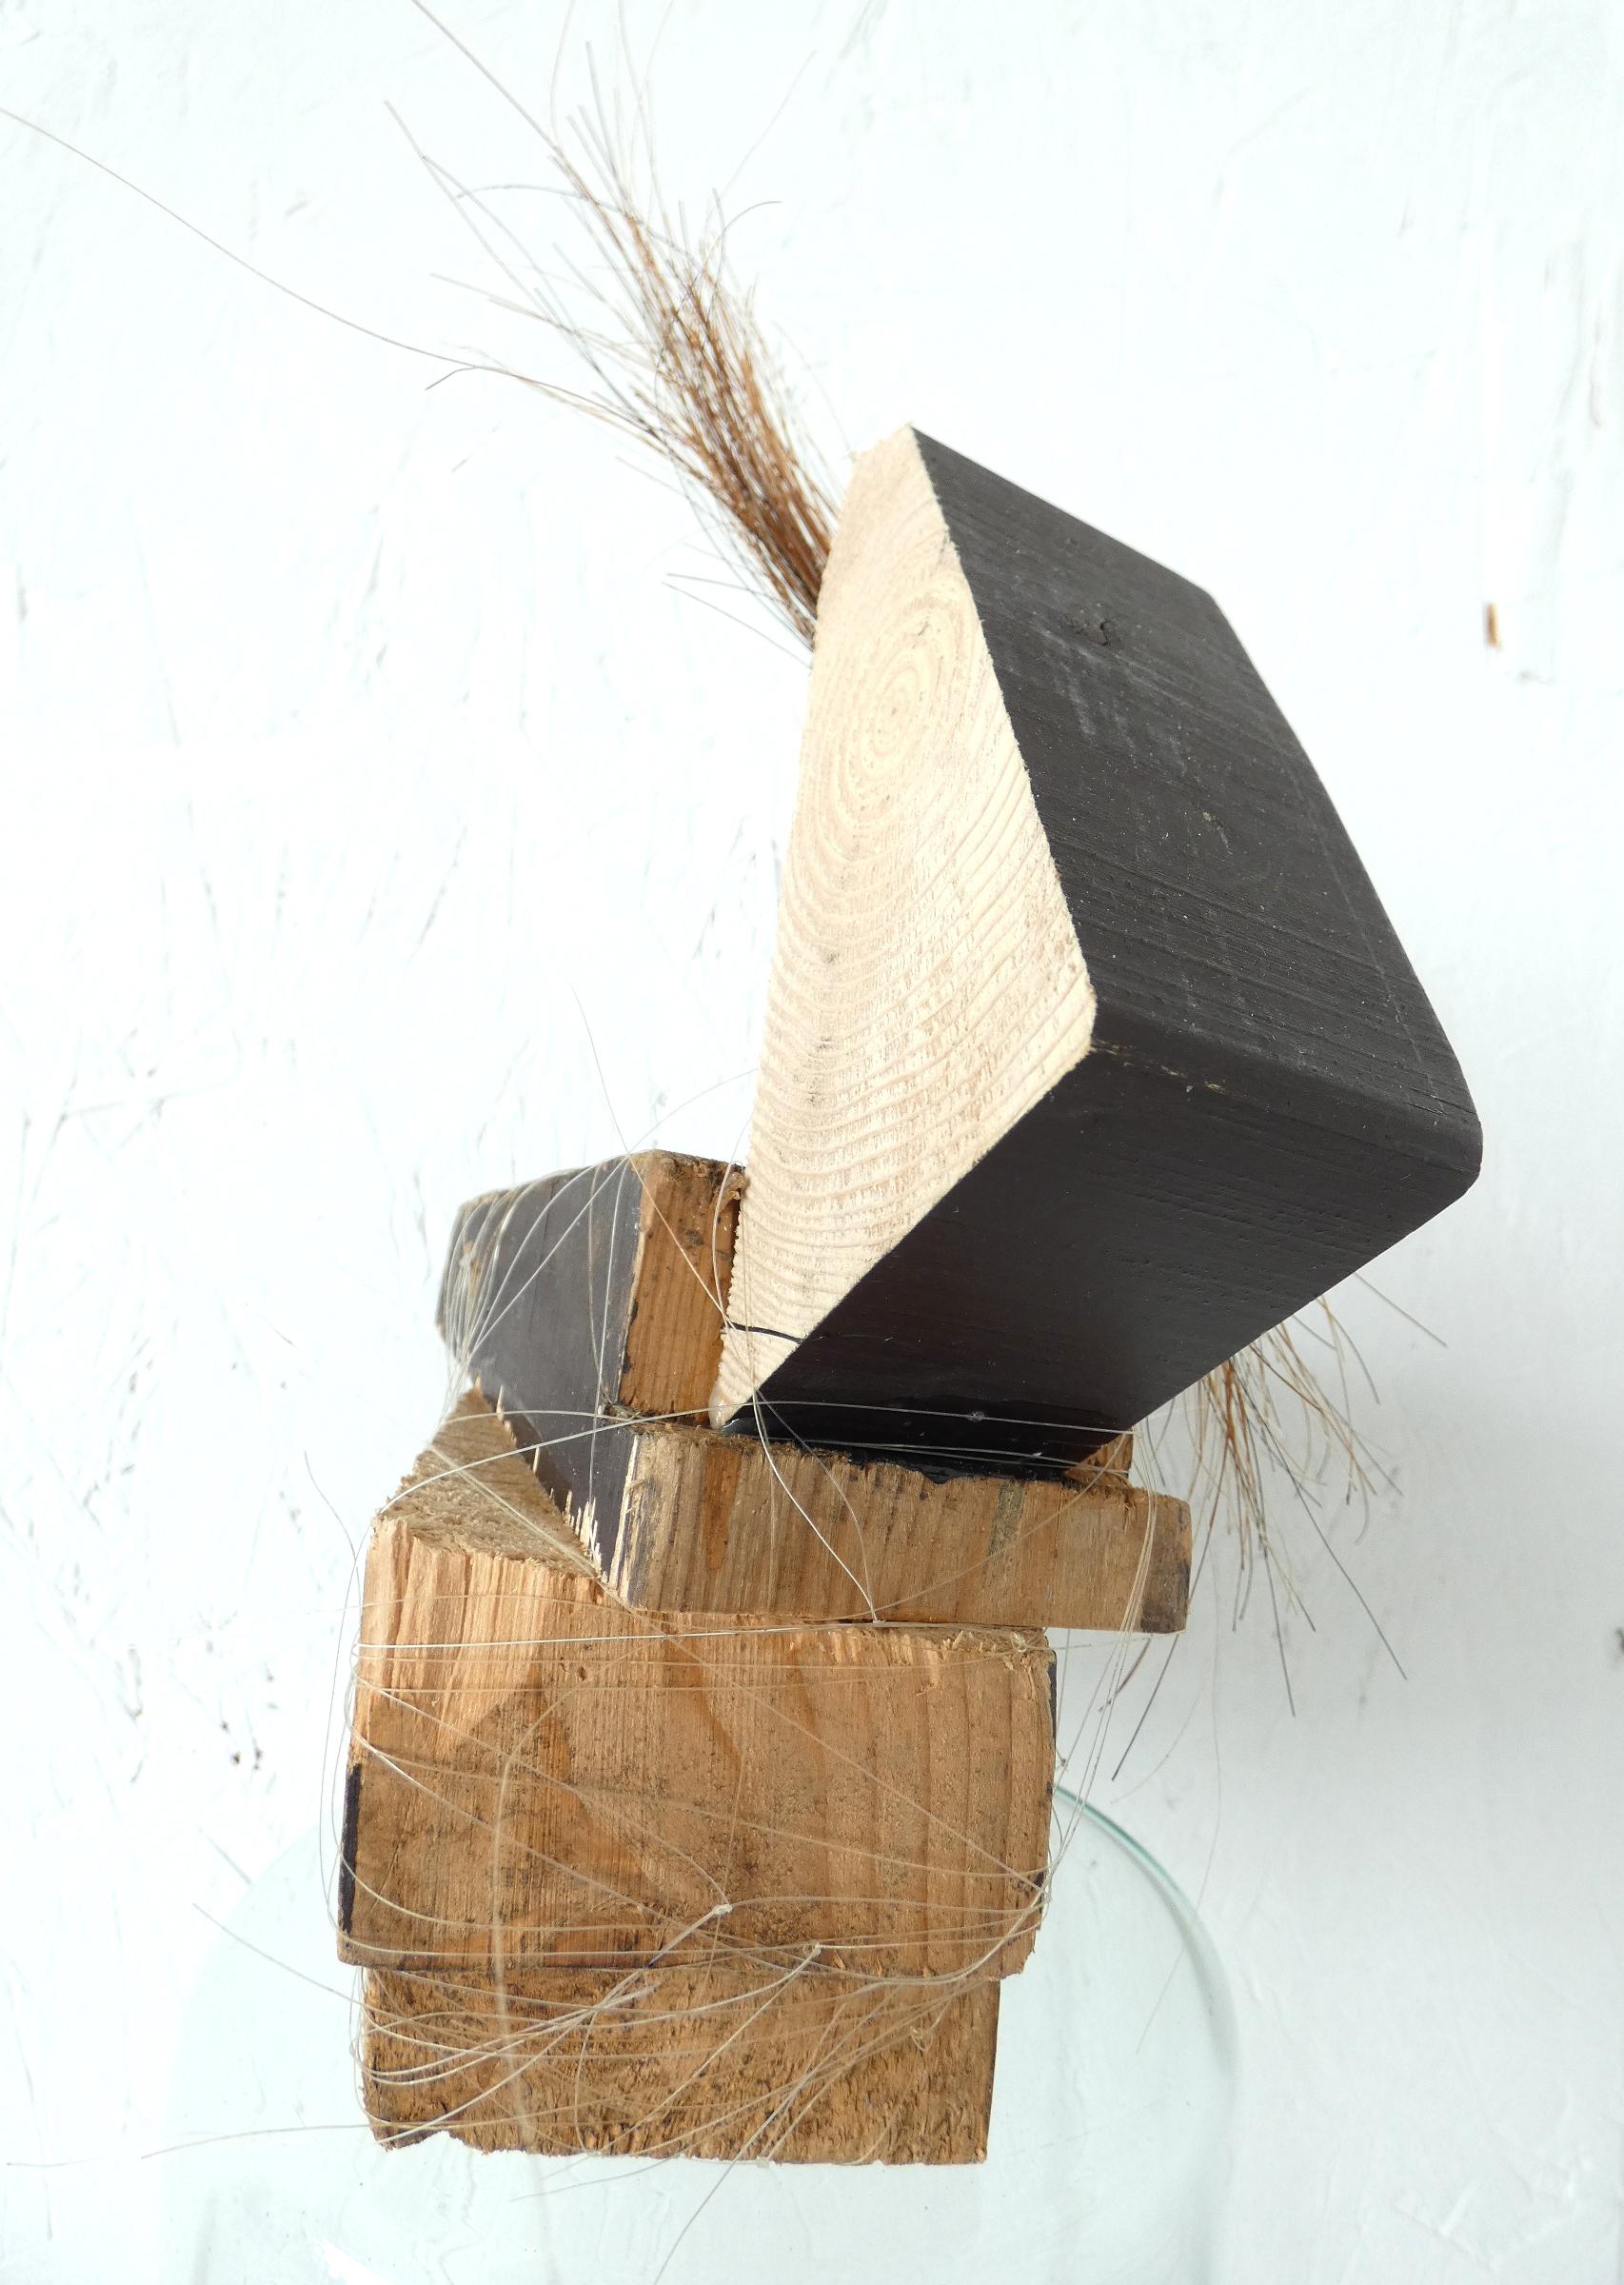 Blok paardje beeld, block horse, paardenhaar, artwork, artlovers, hout, kunst kopen, artcollectors, sculpture, kunstenaar